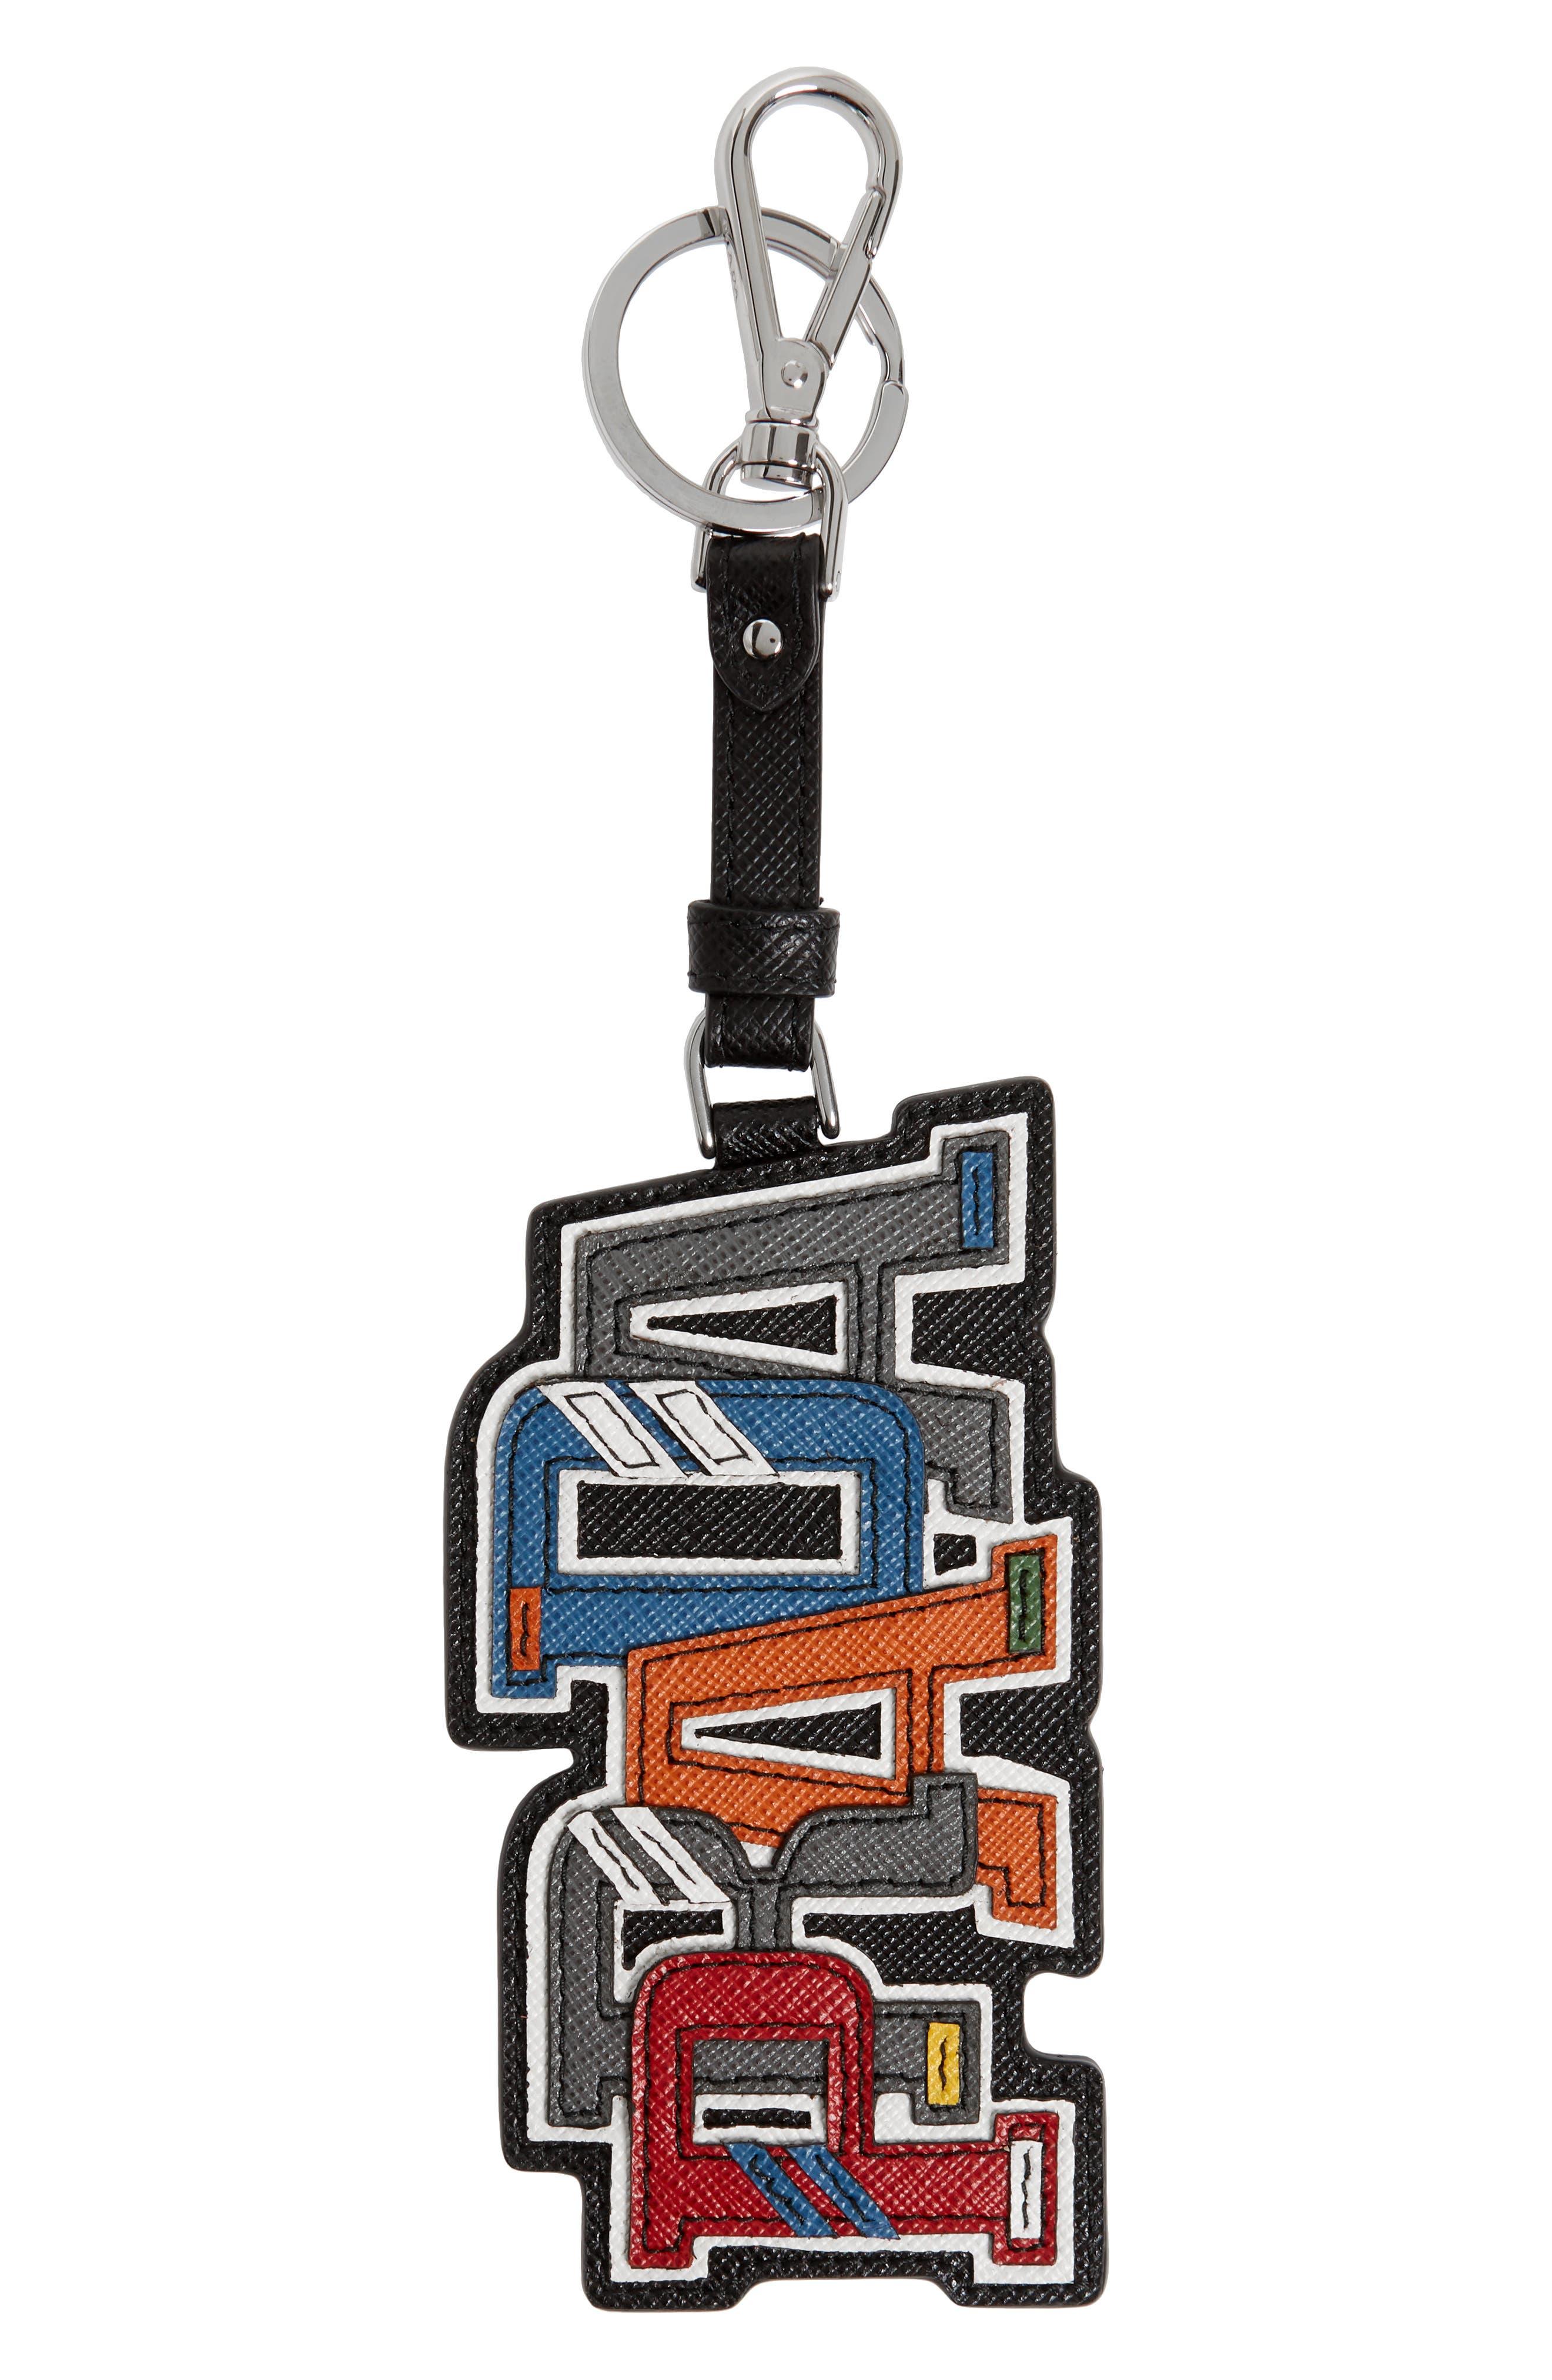 Prada Saffiano Leather Character Key Chain